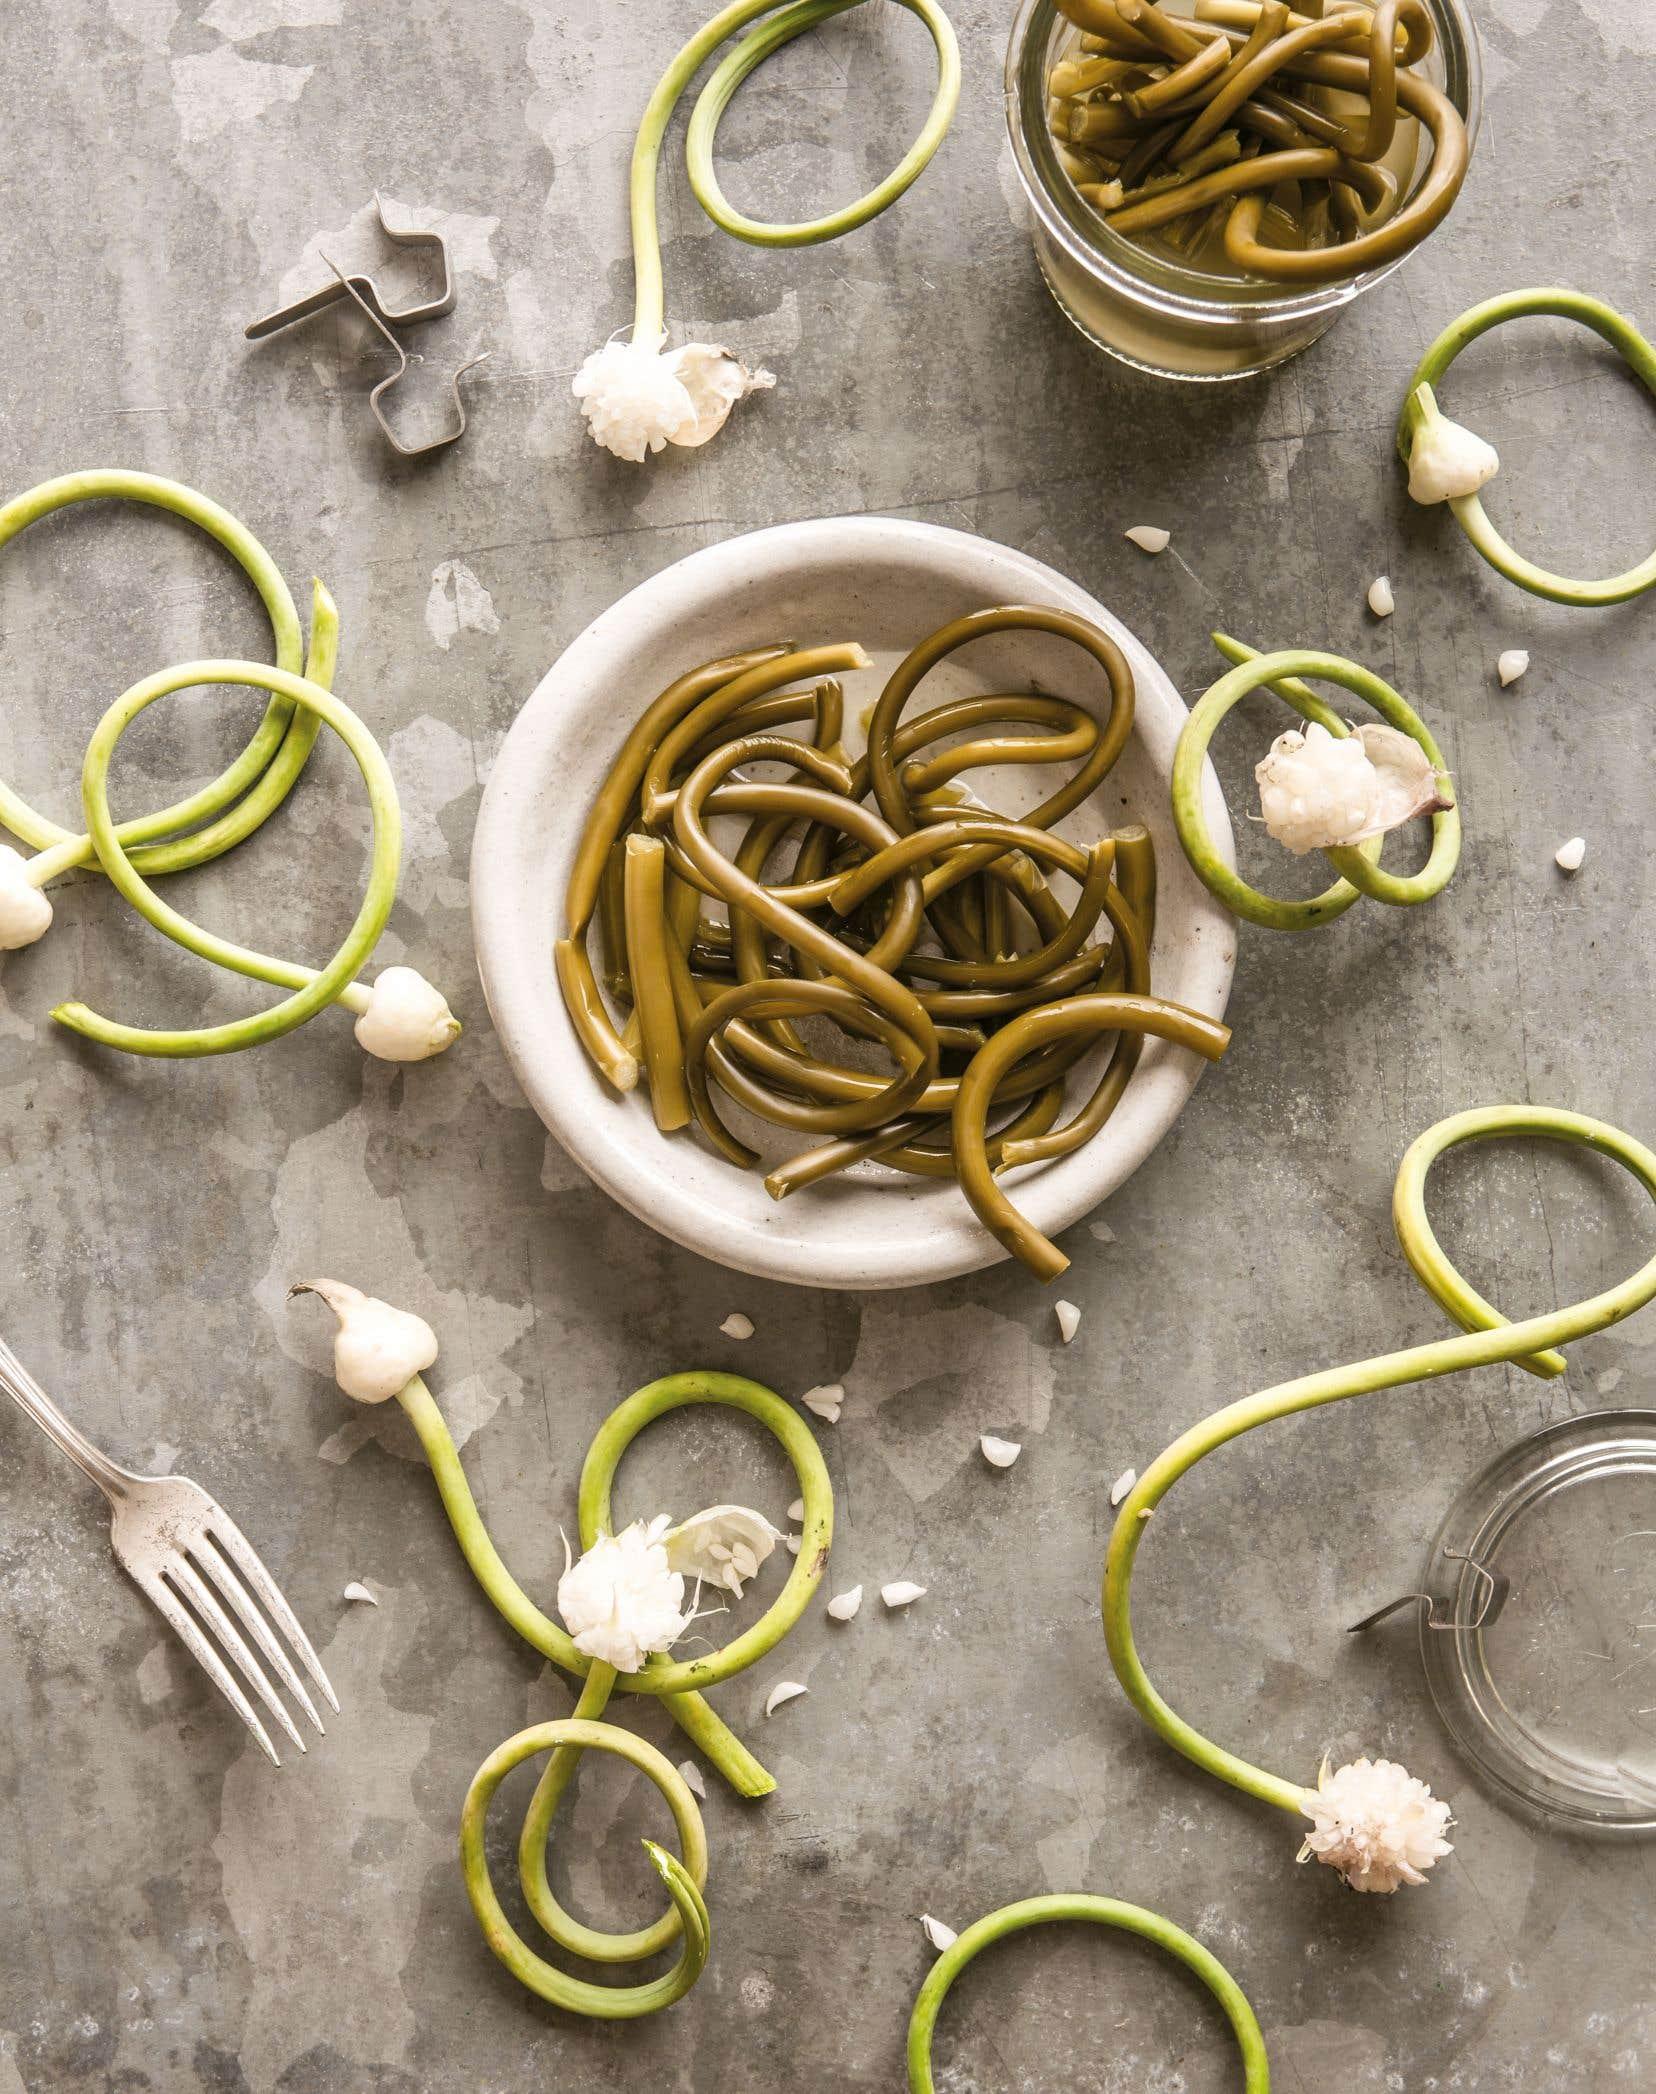 Les tiges de fleurs d'ail fermentées sont un petit délice lorsque broyées et ajoutées discrètement à une vinaigrette ou à une sauce piquante.